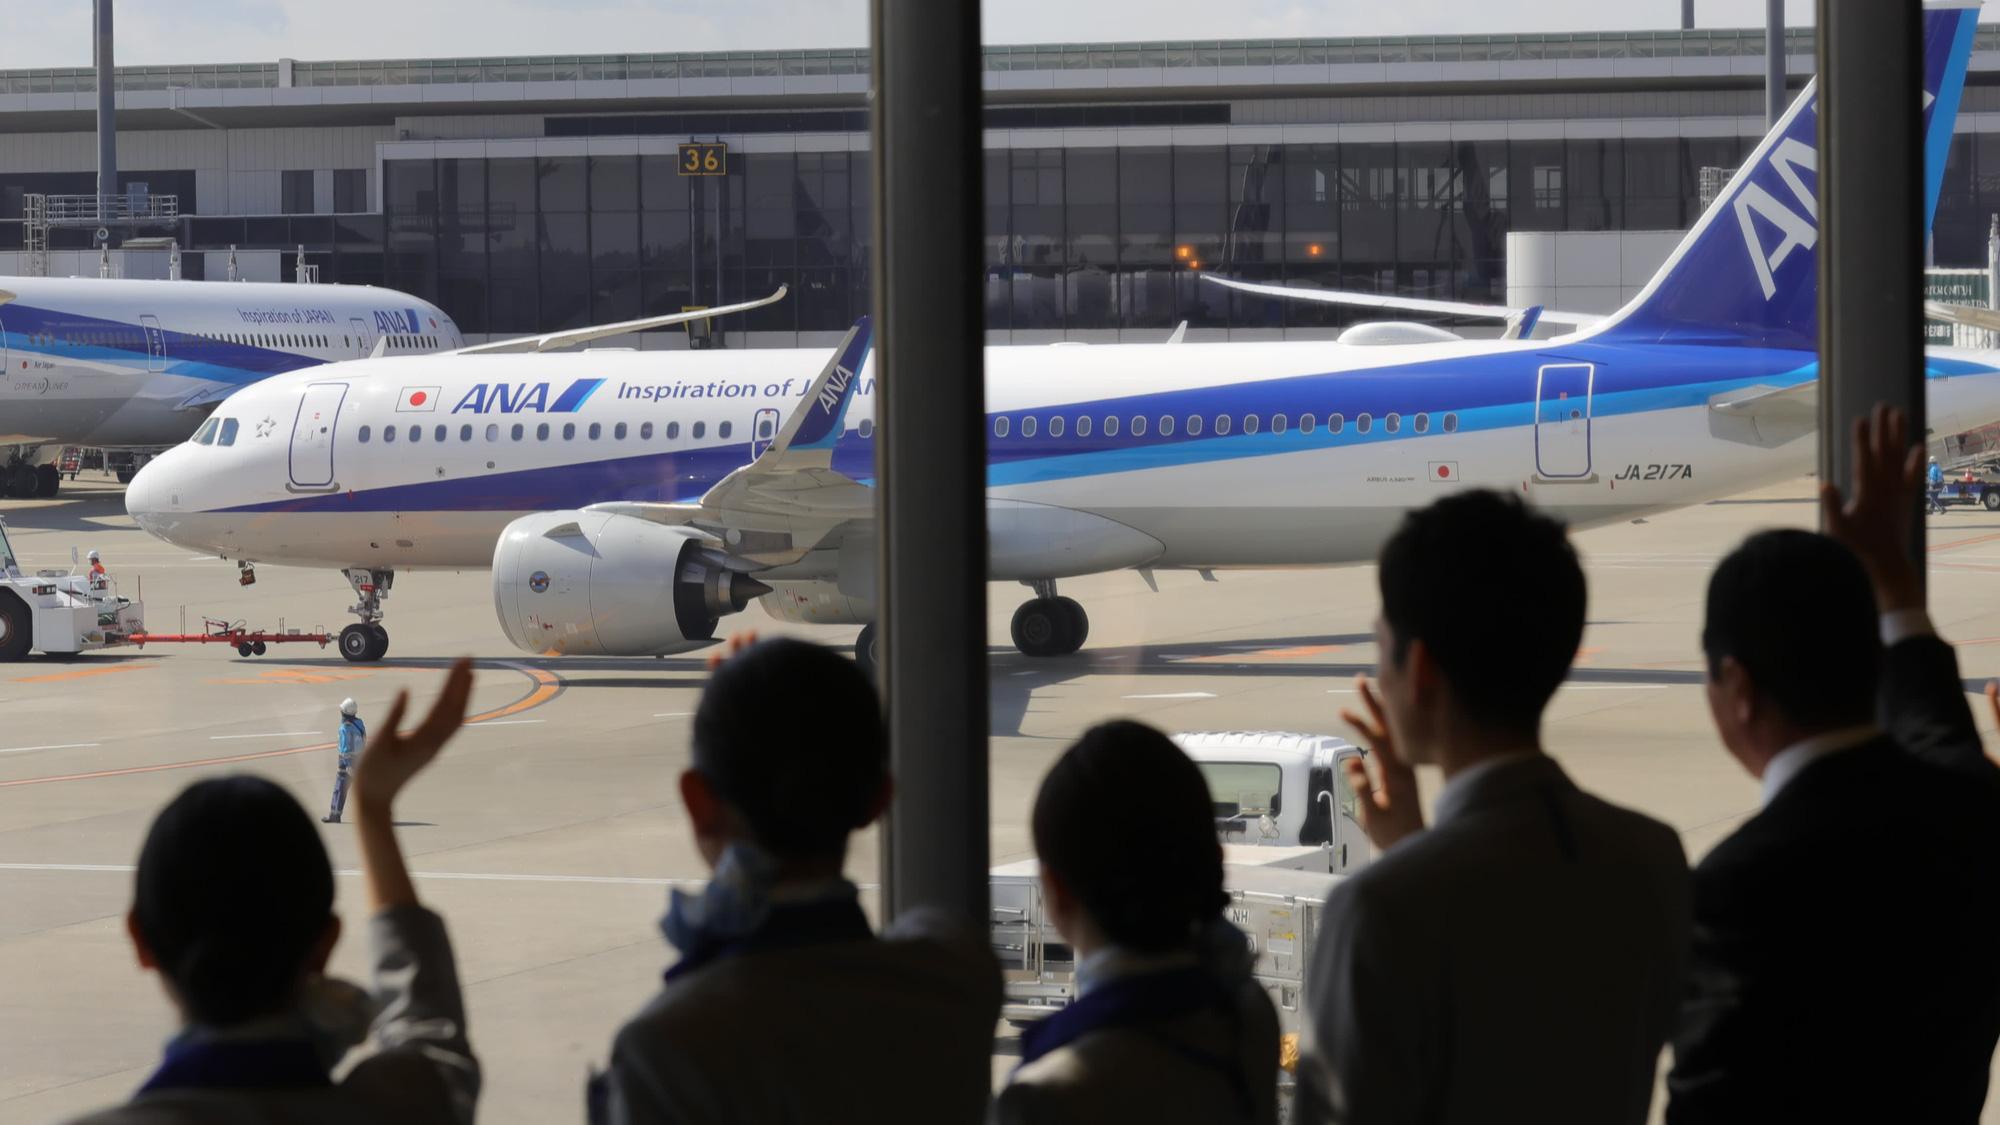 Máy bay nhiều hãng đắp chiếu, chính phủ các nước châu Á cần hỗ trợ ngành hàng không ngay lập tức - Ảnh 3.